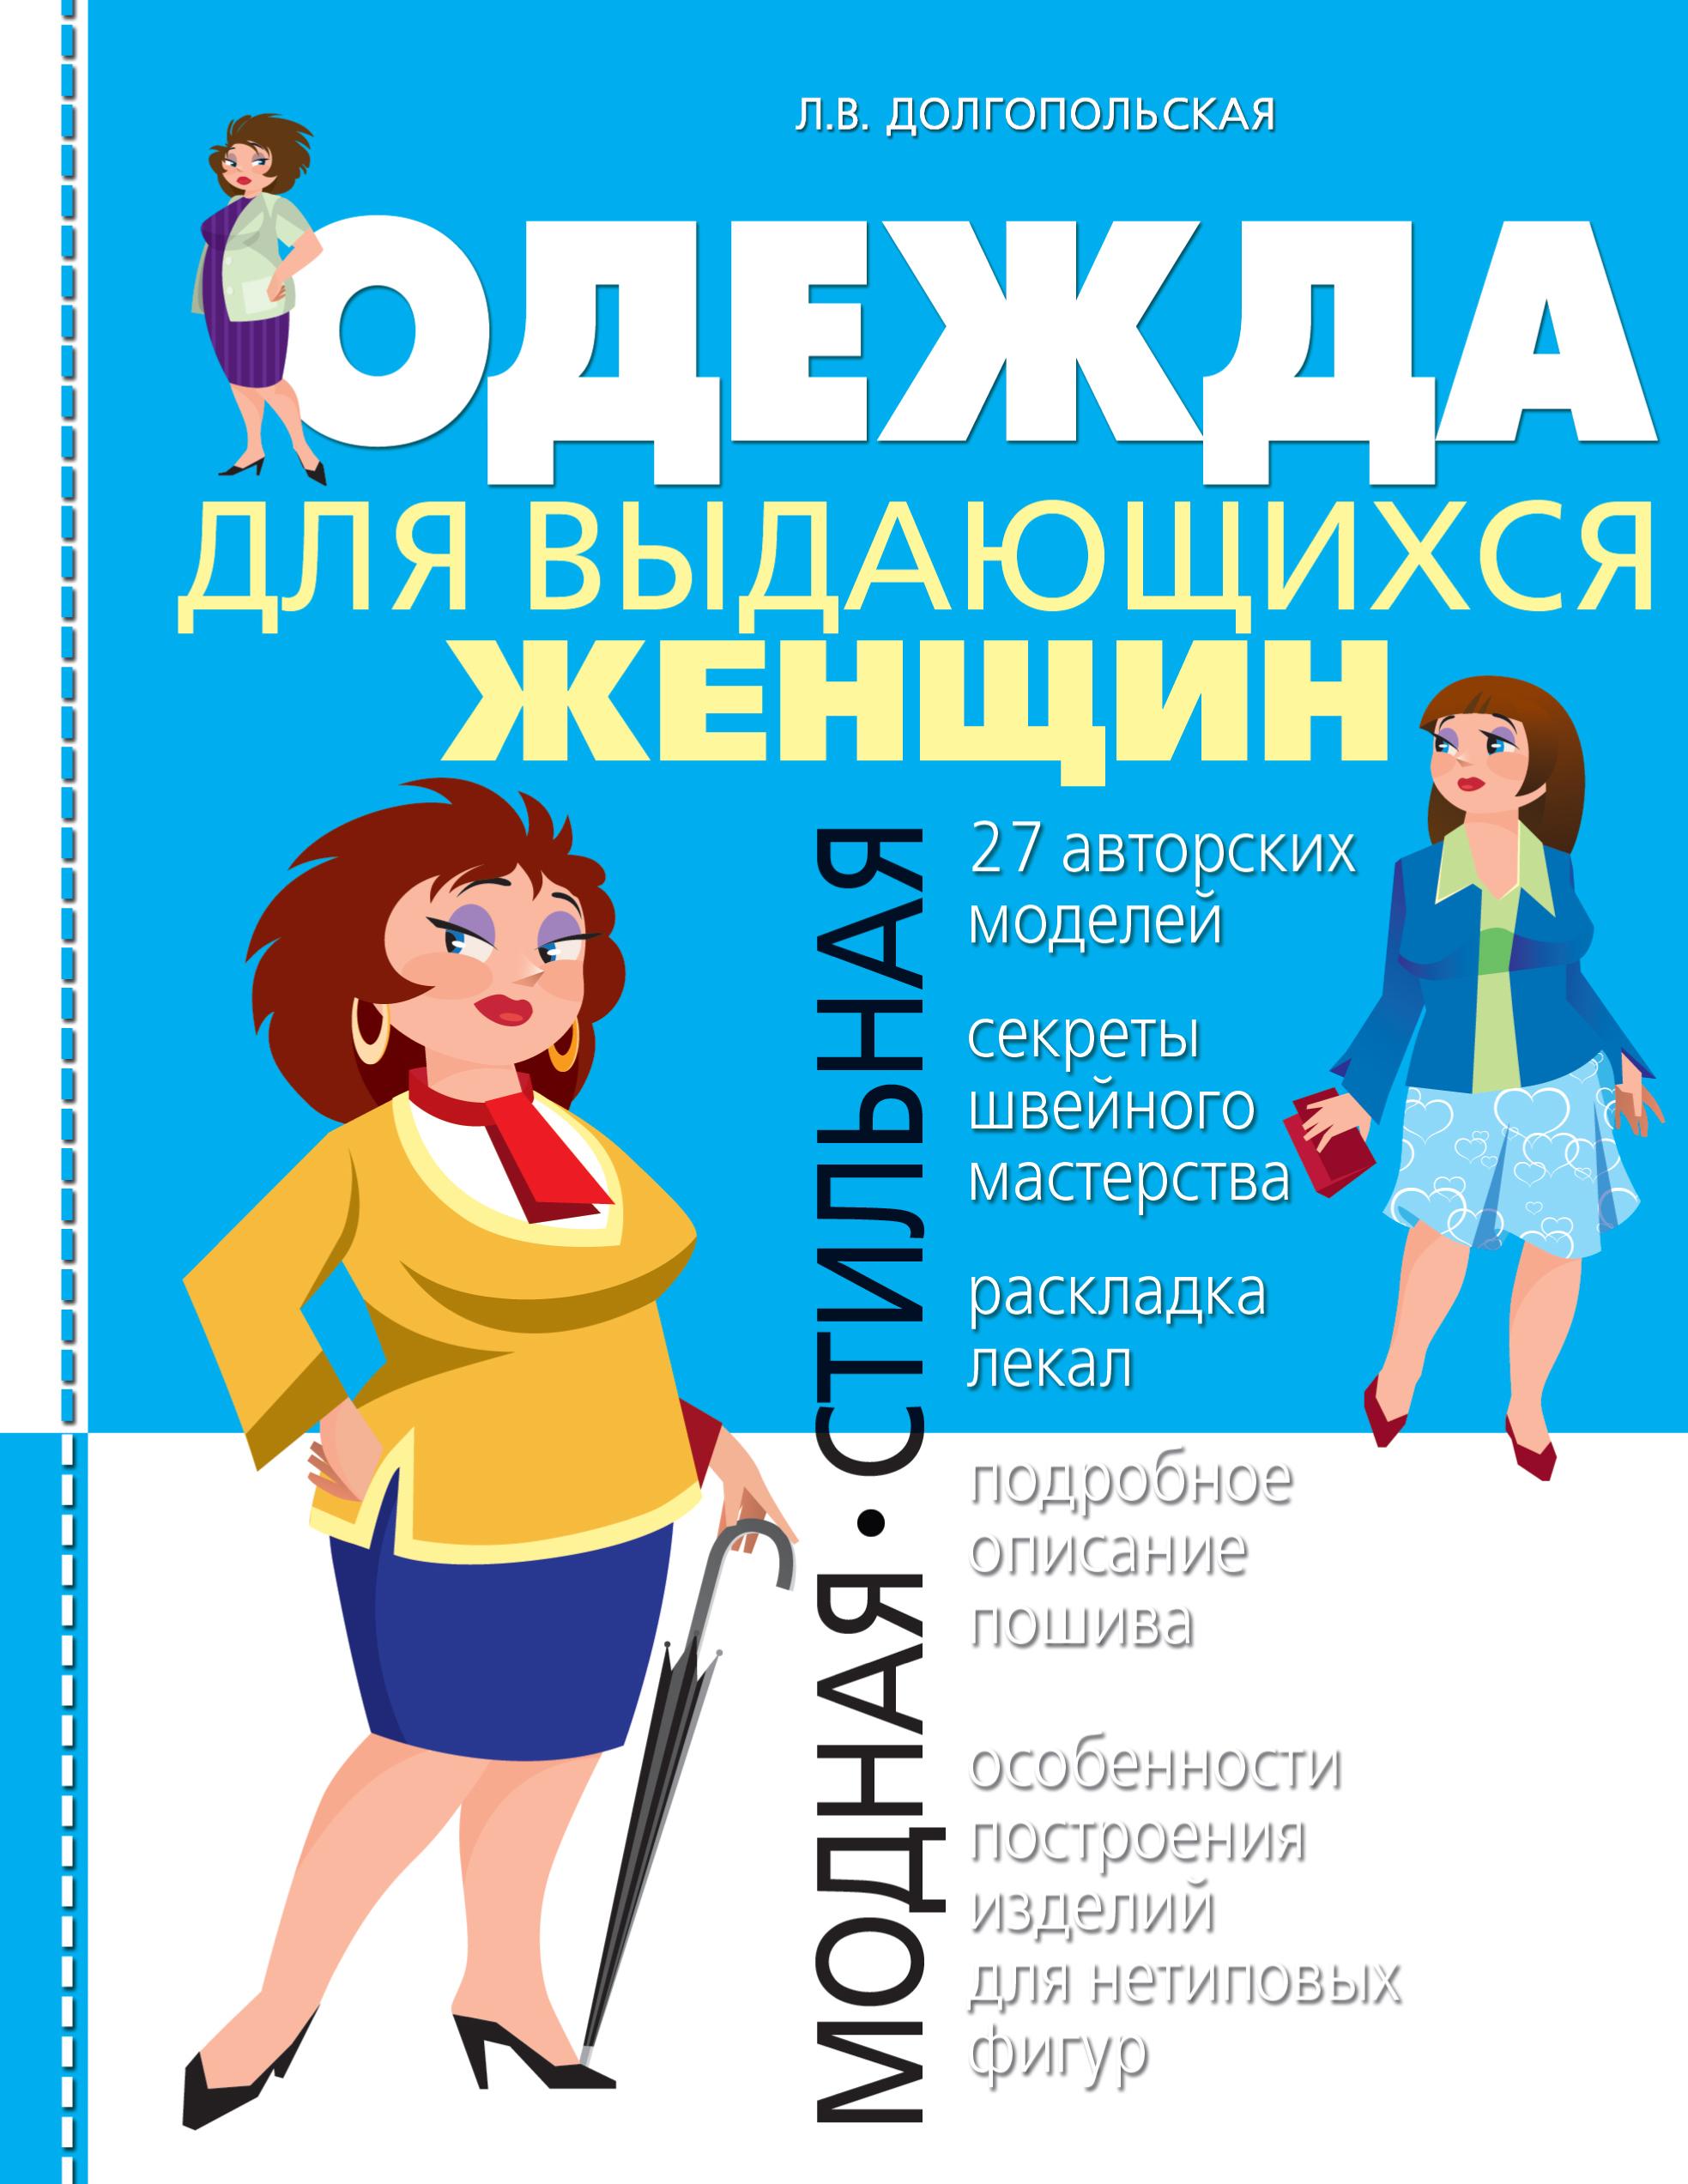 Долгопольская Л.В. Одежда для выдающихся женщин одежда для женщин